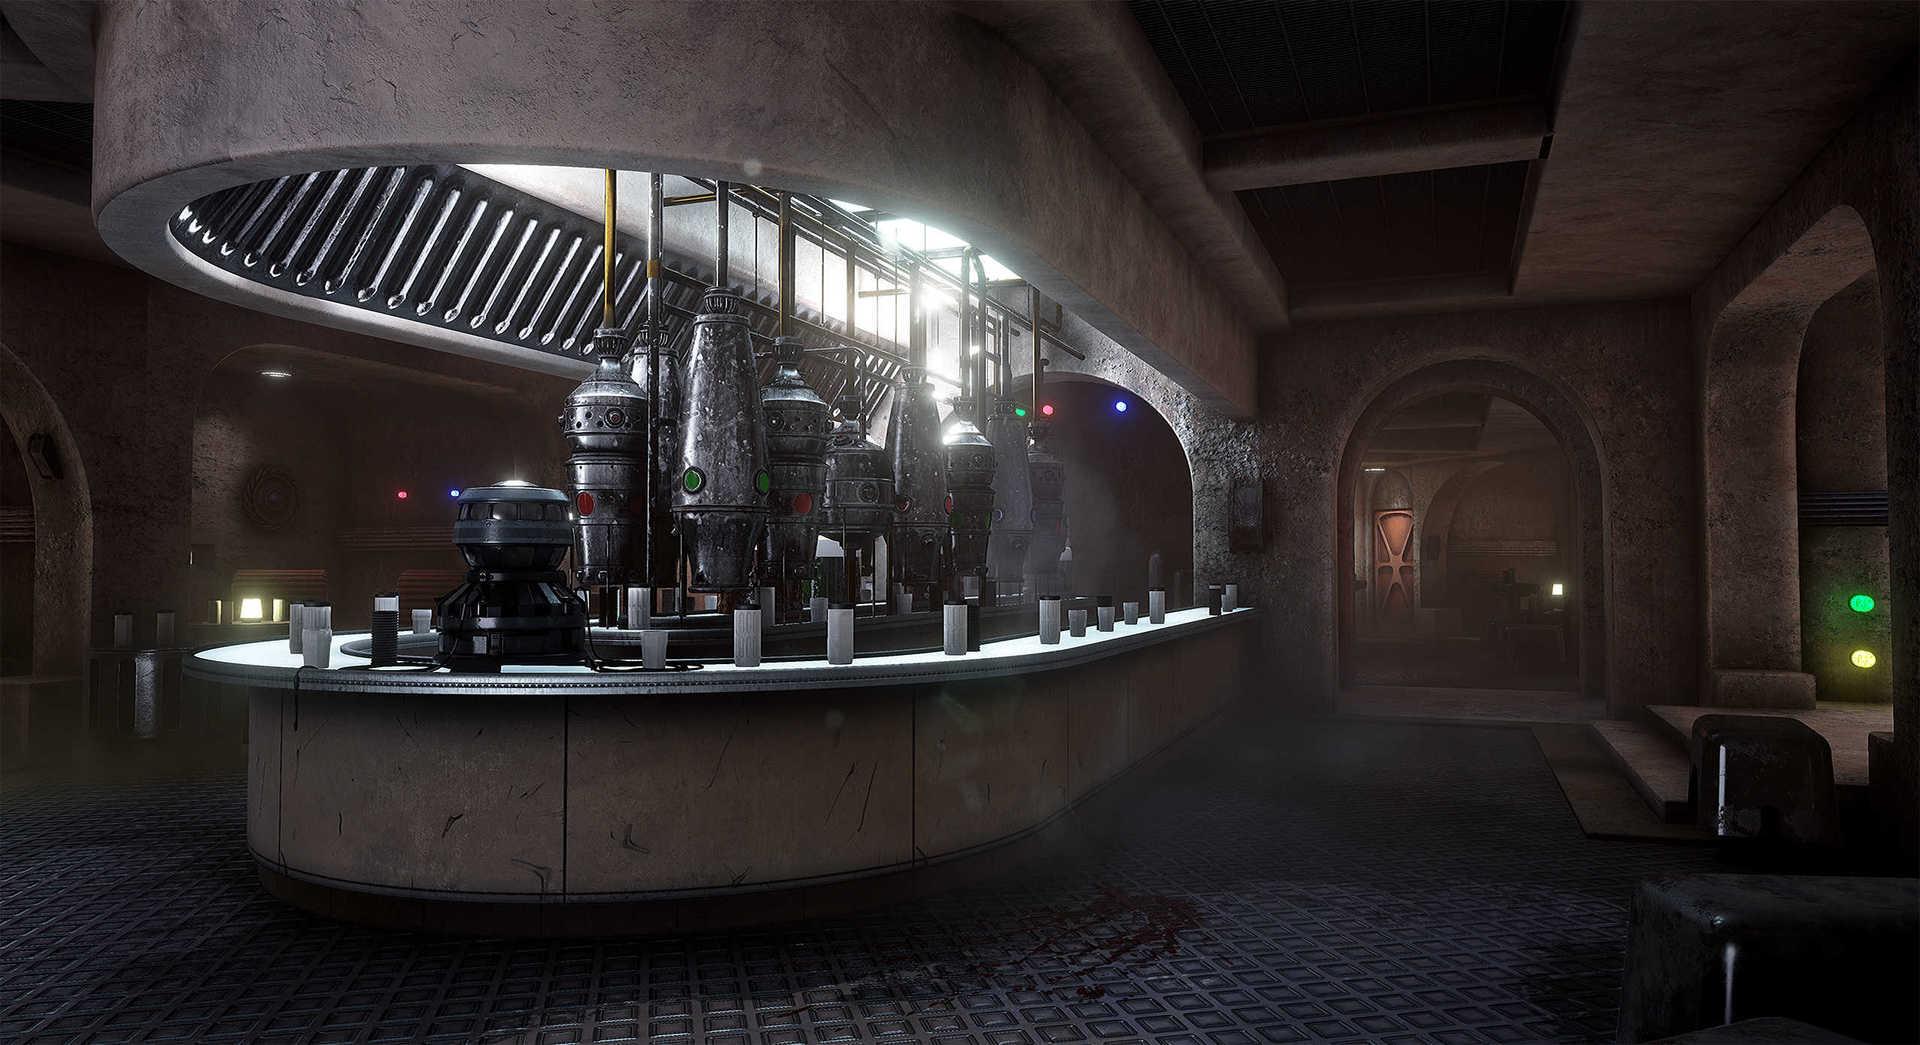 Создание сцены из Star Wars в Unreal Engine 4 - 28